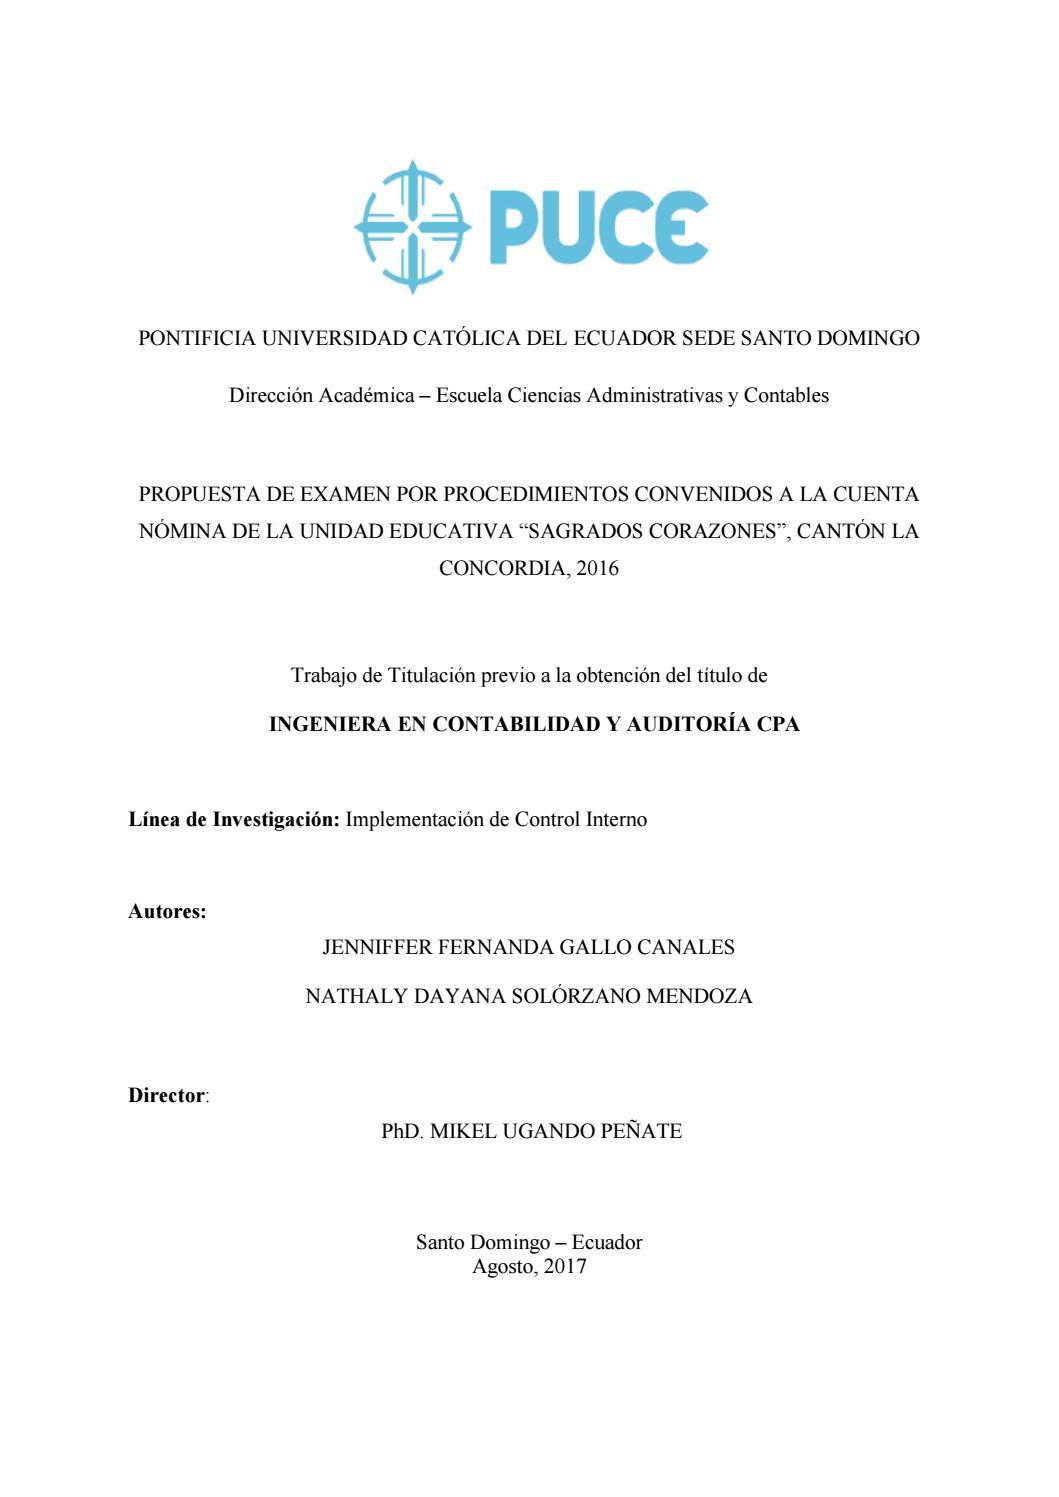 Propuesta De Examen Por Procedimientos Convenidos A La Cuenta Nomina De La Unidad Educativa By Pontificia Universidad Catolica Del Ecuador Sede Santo Domingo Puce Sd Issuu